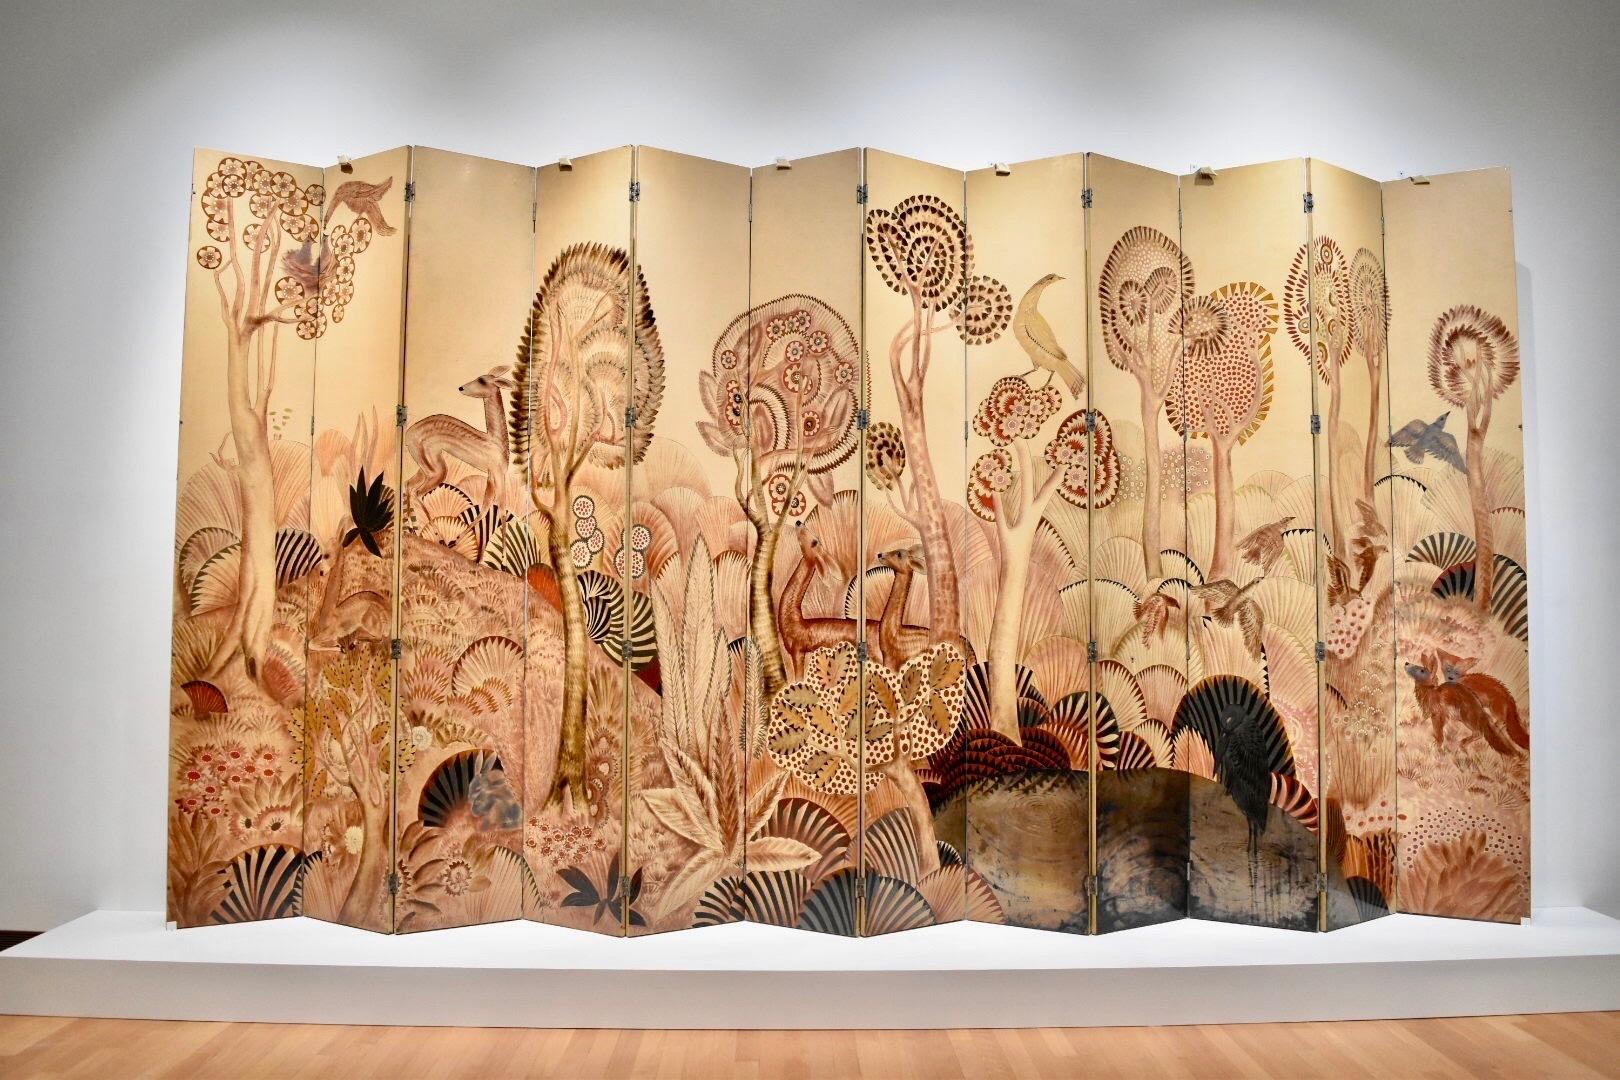 《森》 ジャン・デュナン 20世紀前半 モビリエ・ナショナル(パリ)蔵